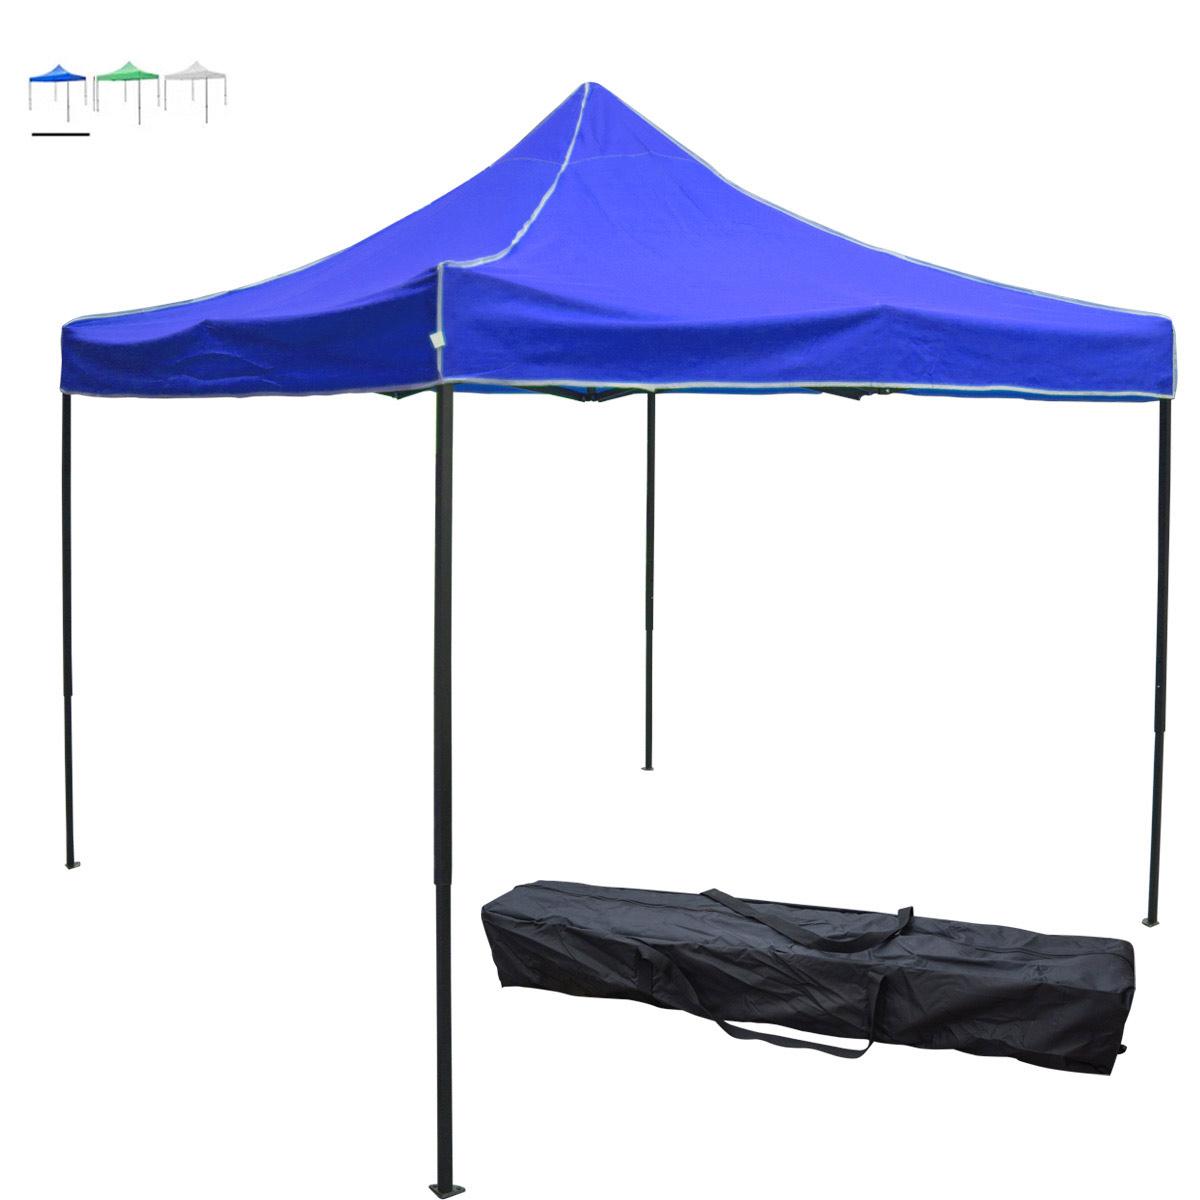 Toldo Carpa Plegable Lona Azul 2x2 M + Bolsa Transportadora